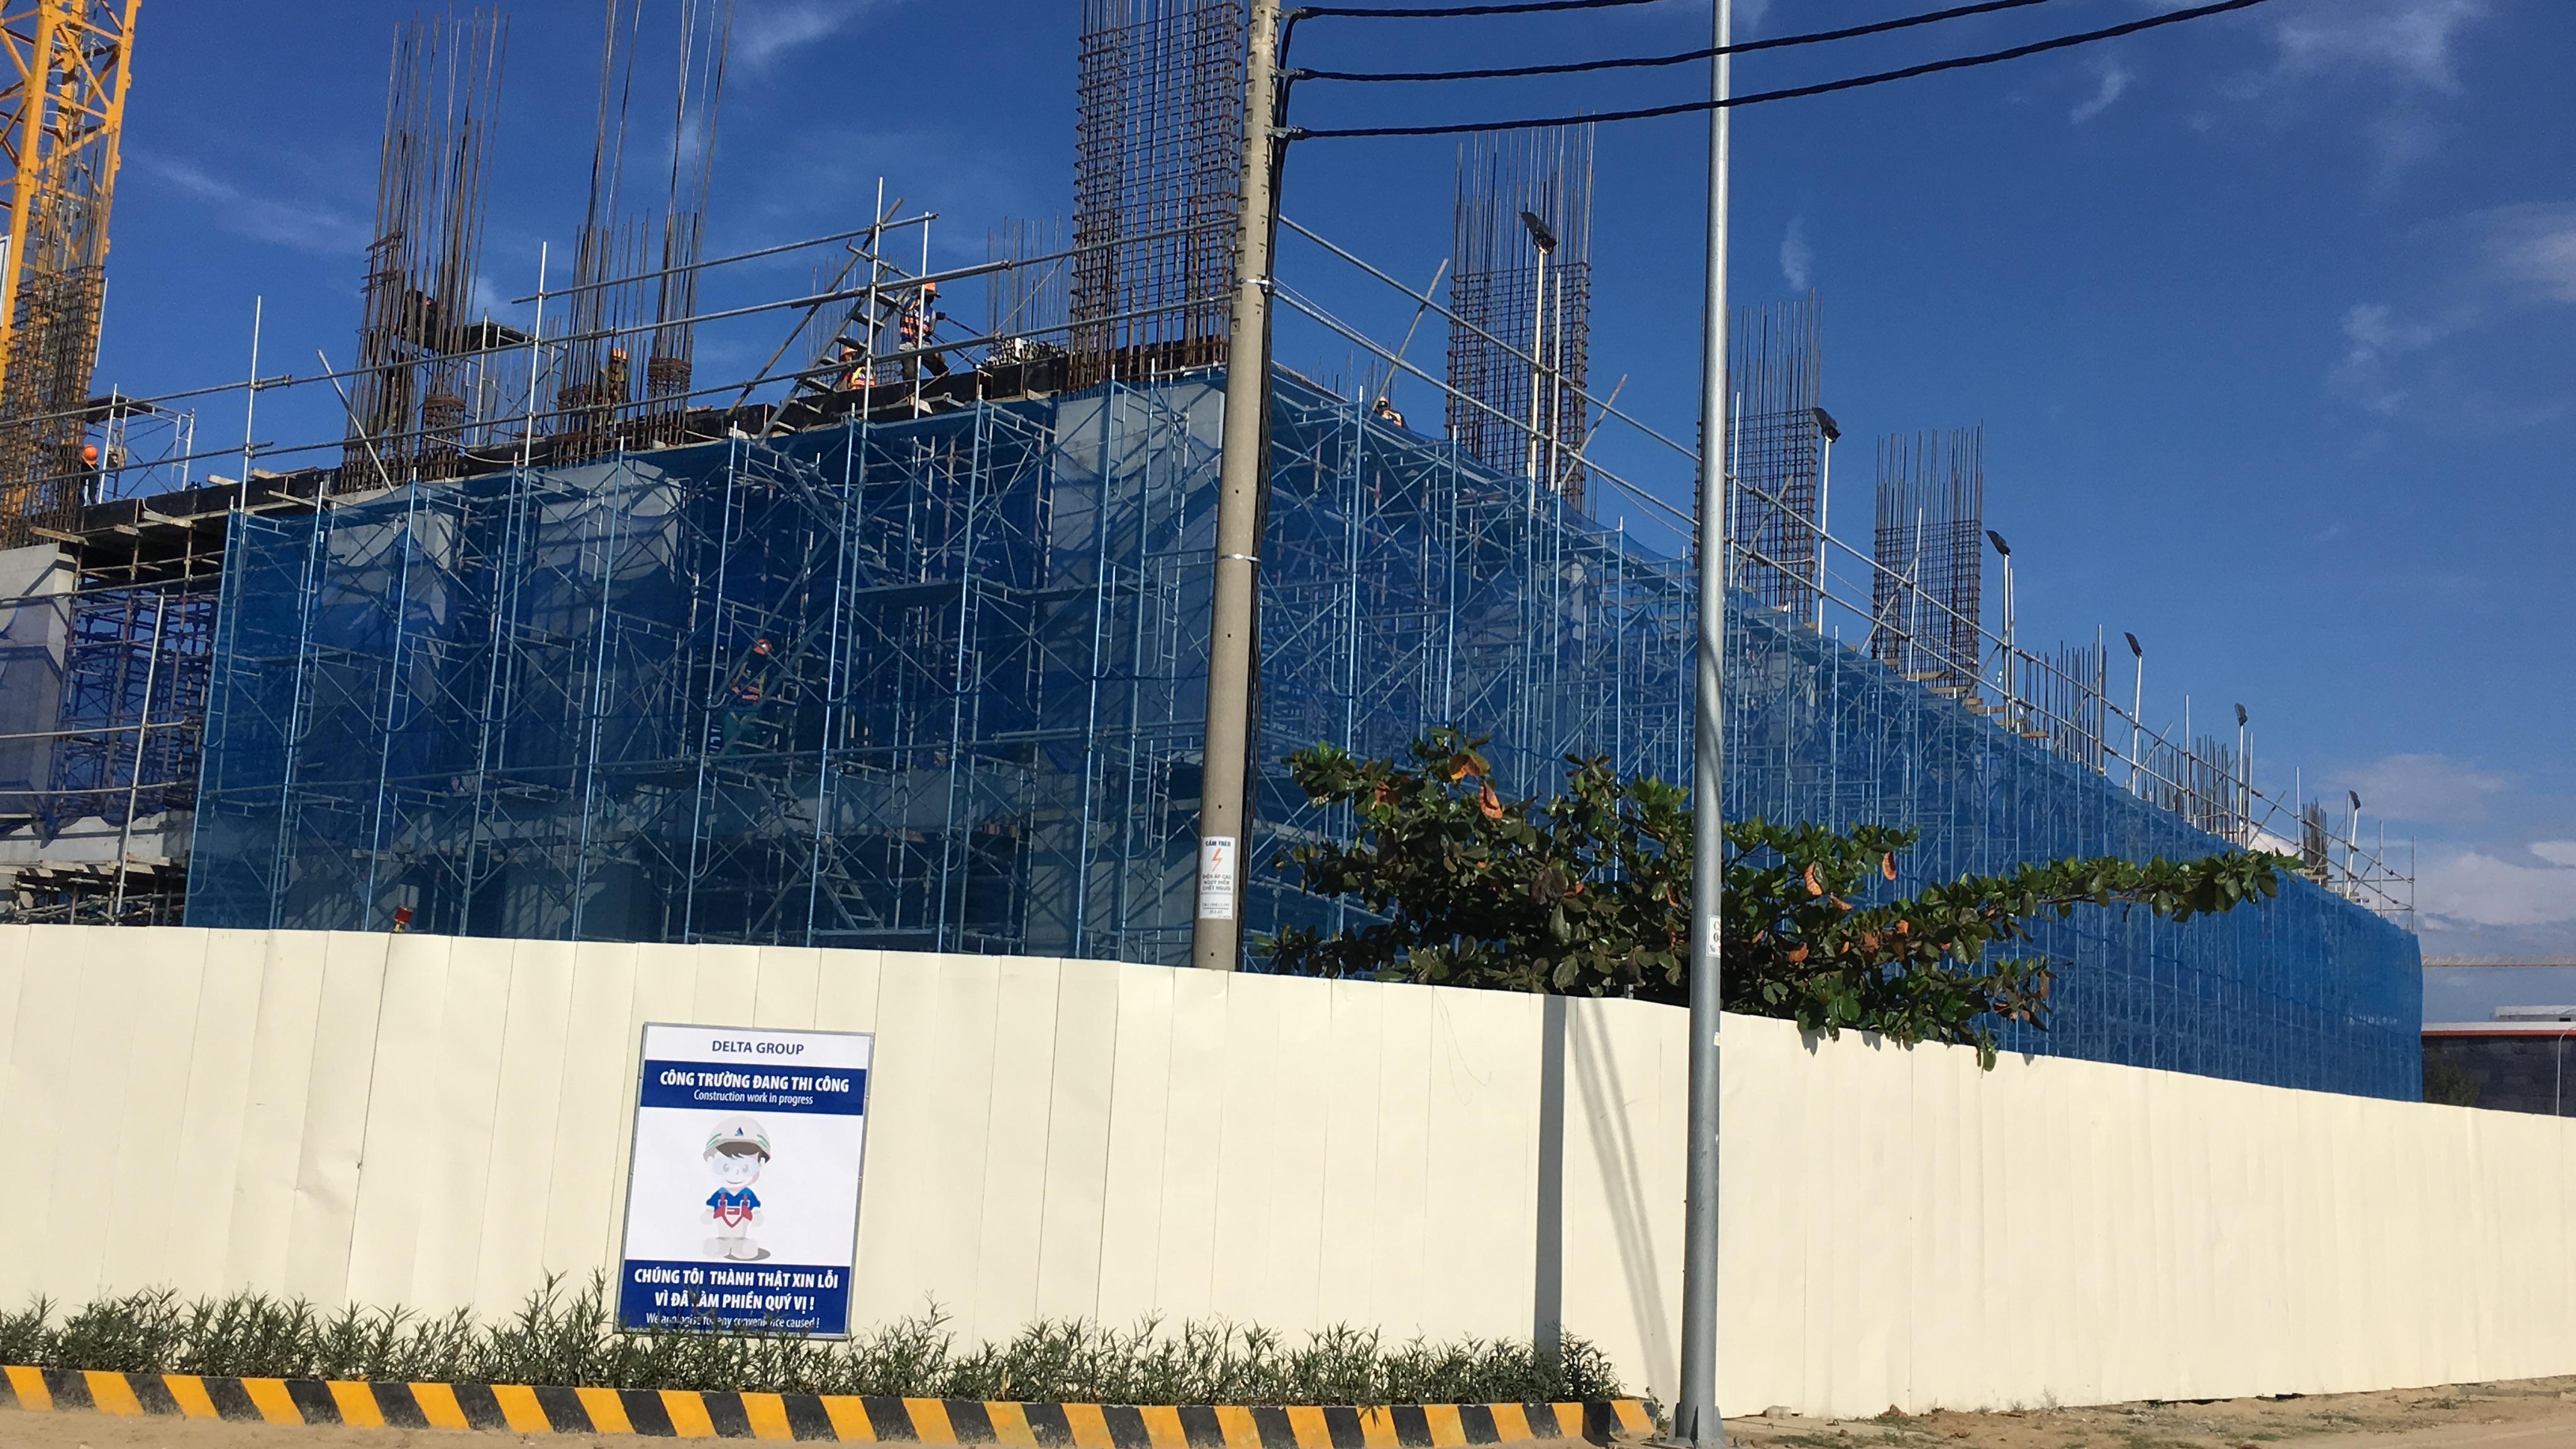 Gần 1.000 căn hộ bán ra tại Đà Nẵng hậu dịch Covid-19 - Ảnh 1.